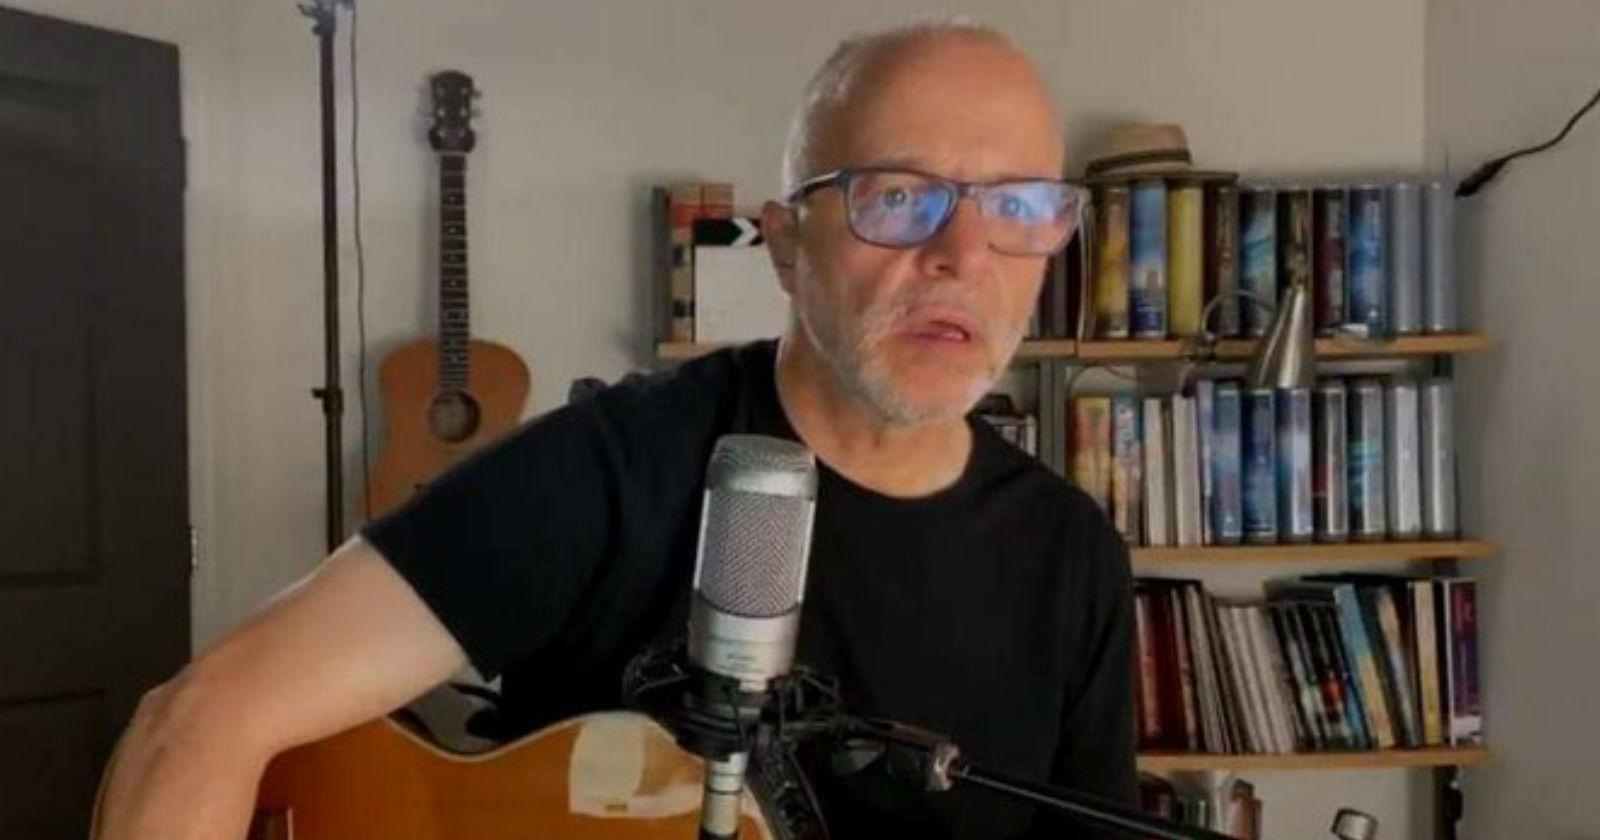 VIDEO | El troleo que sufrió Alberto Plaza tras concierto a través de YouTube